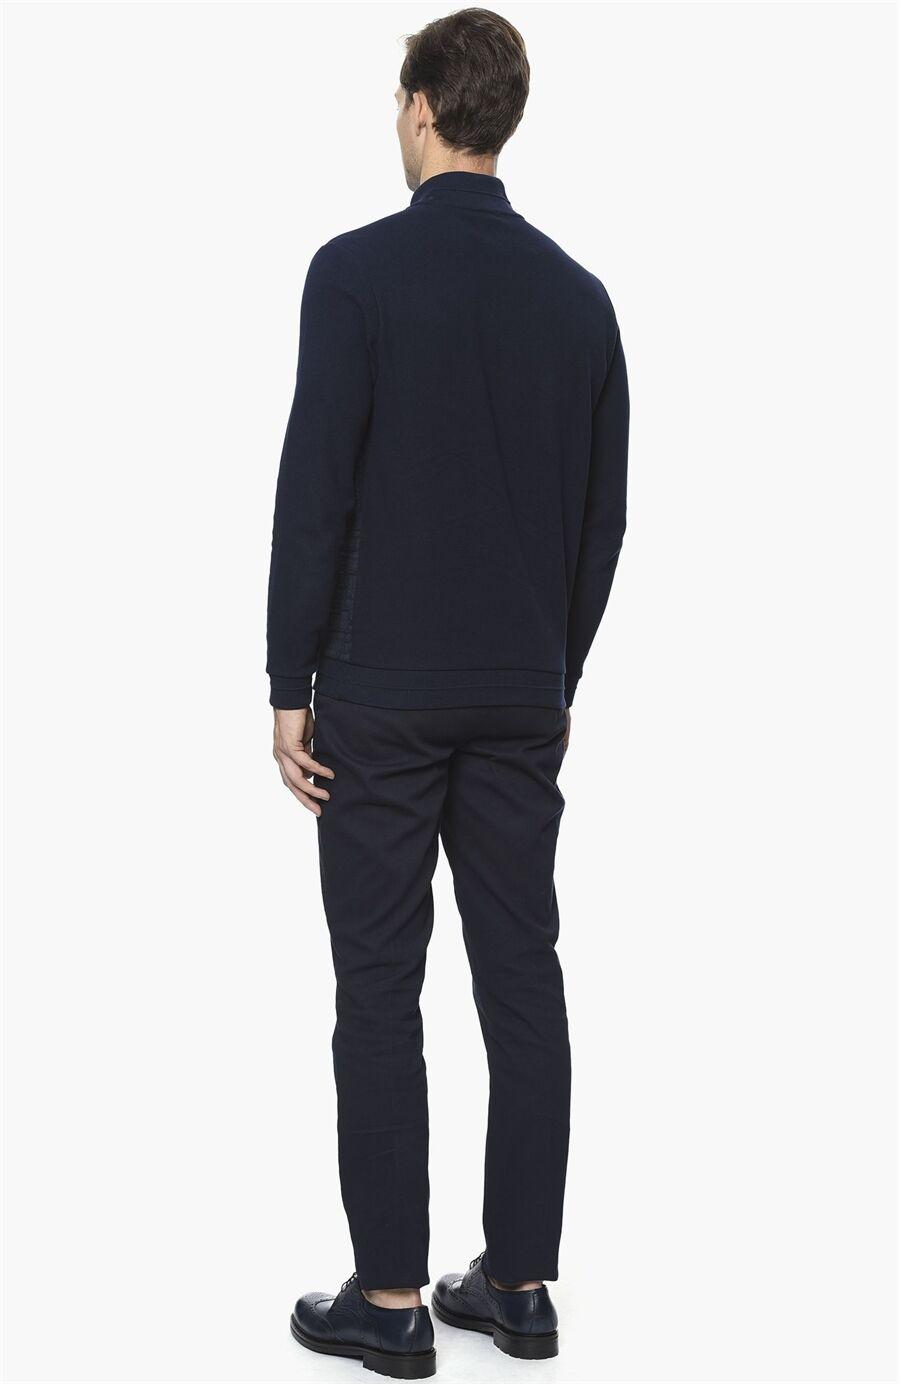 Jakarlı Lacivert Sweatshirt